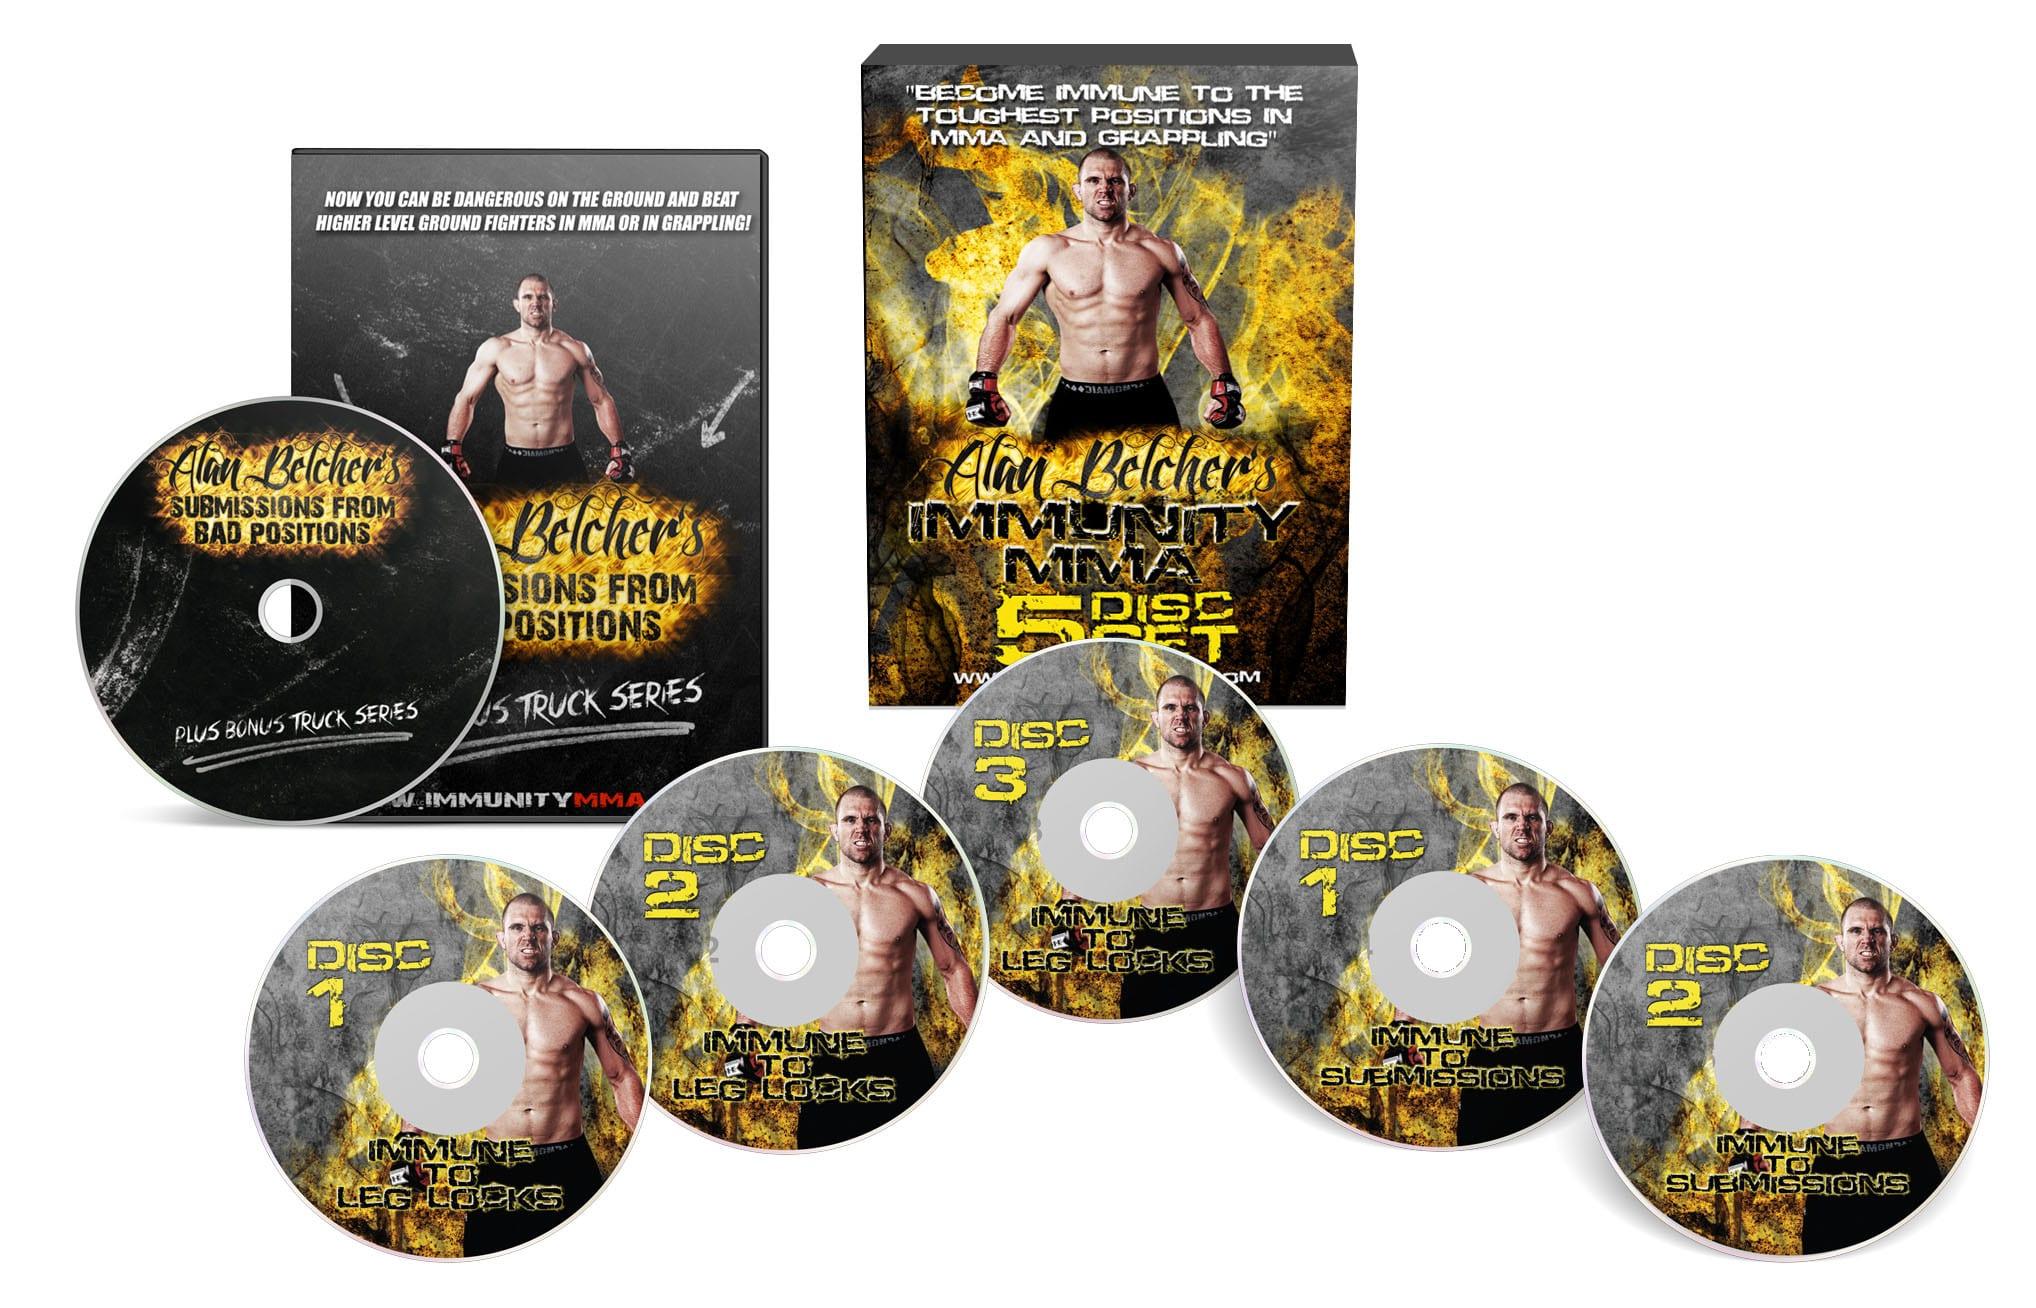 DVD grappling d'Alan Belcher